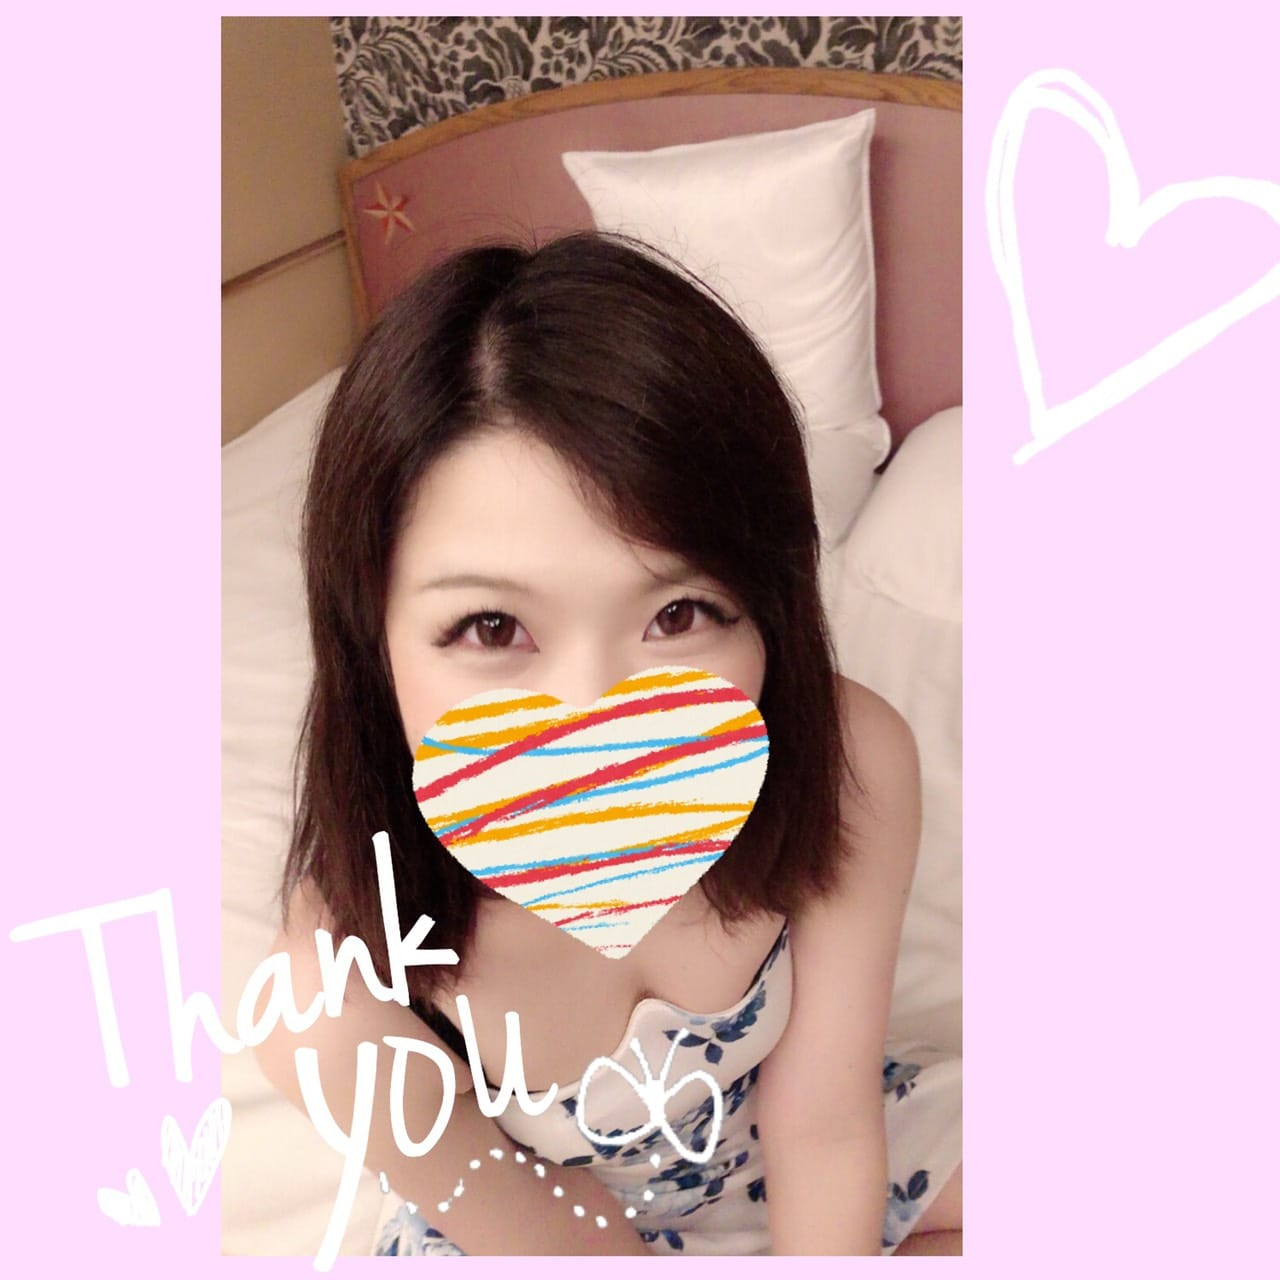 「ありがとう」08/20(08/20) 15:44 | ひよりの写メ・風俗動画